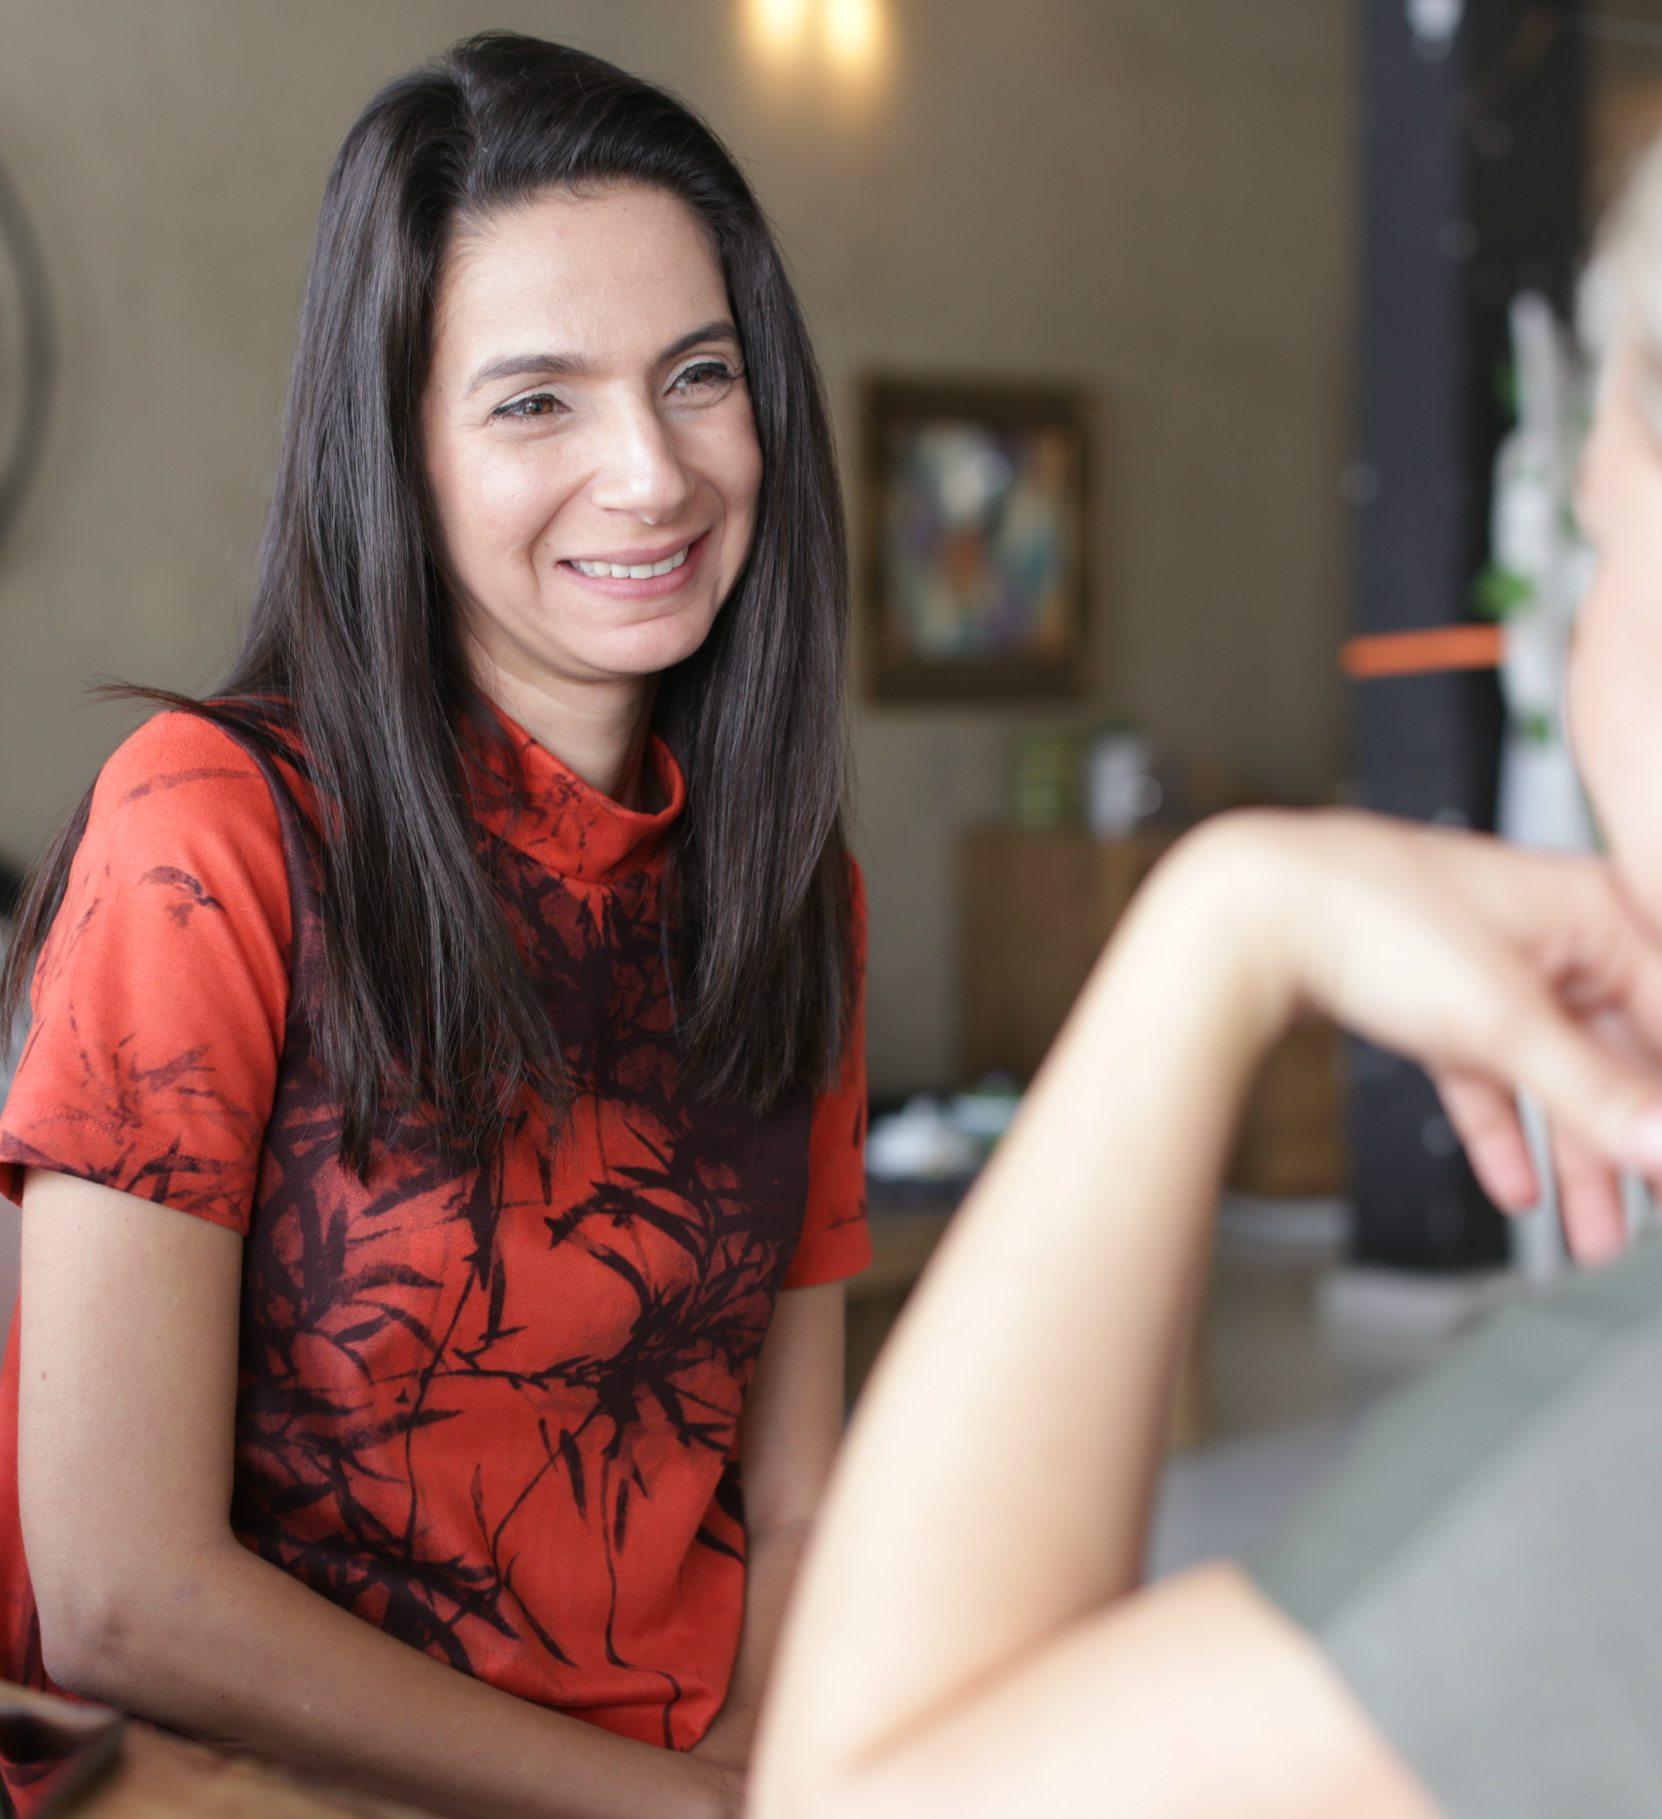 ענבר ורדי ייעוץ עסקי לאנשים ועסקים, פגישות אישיות